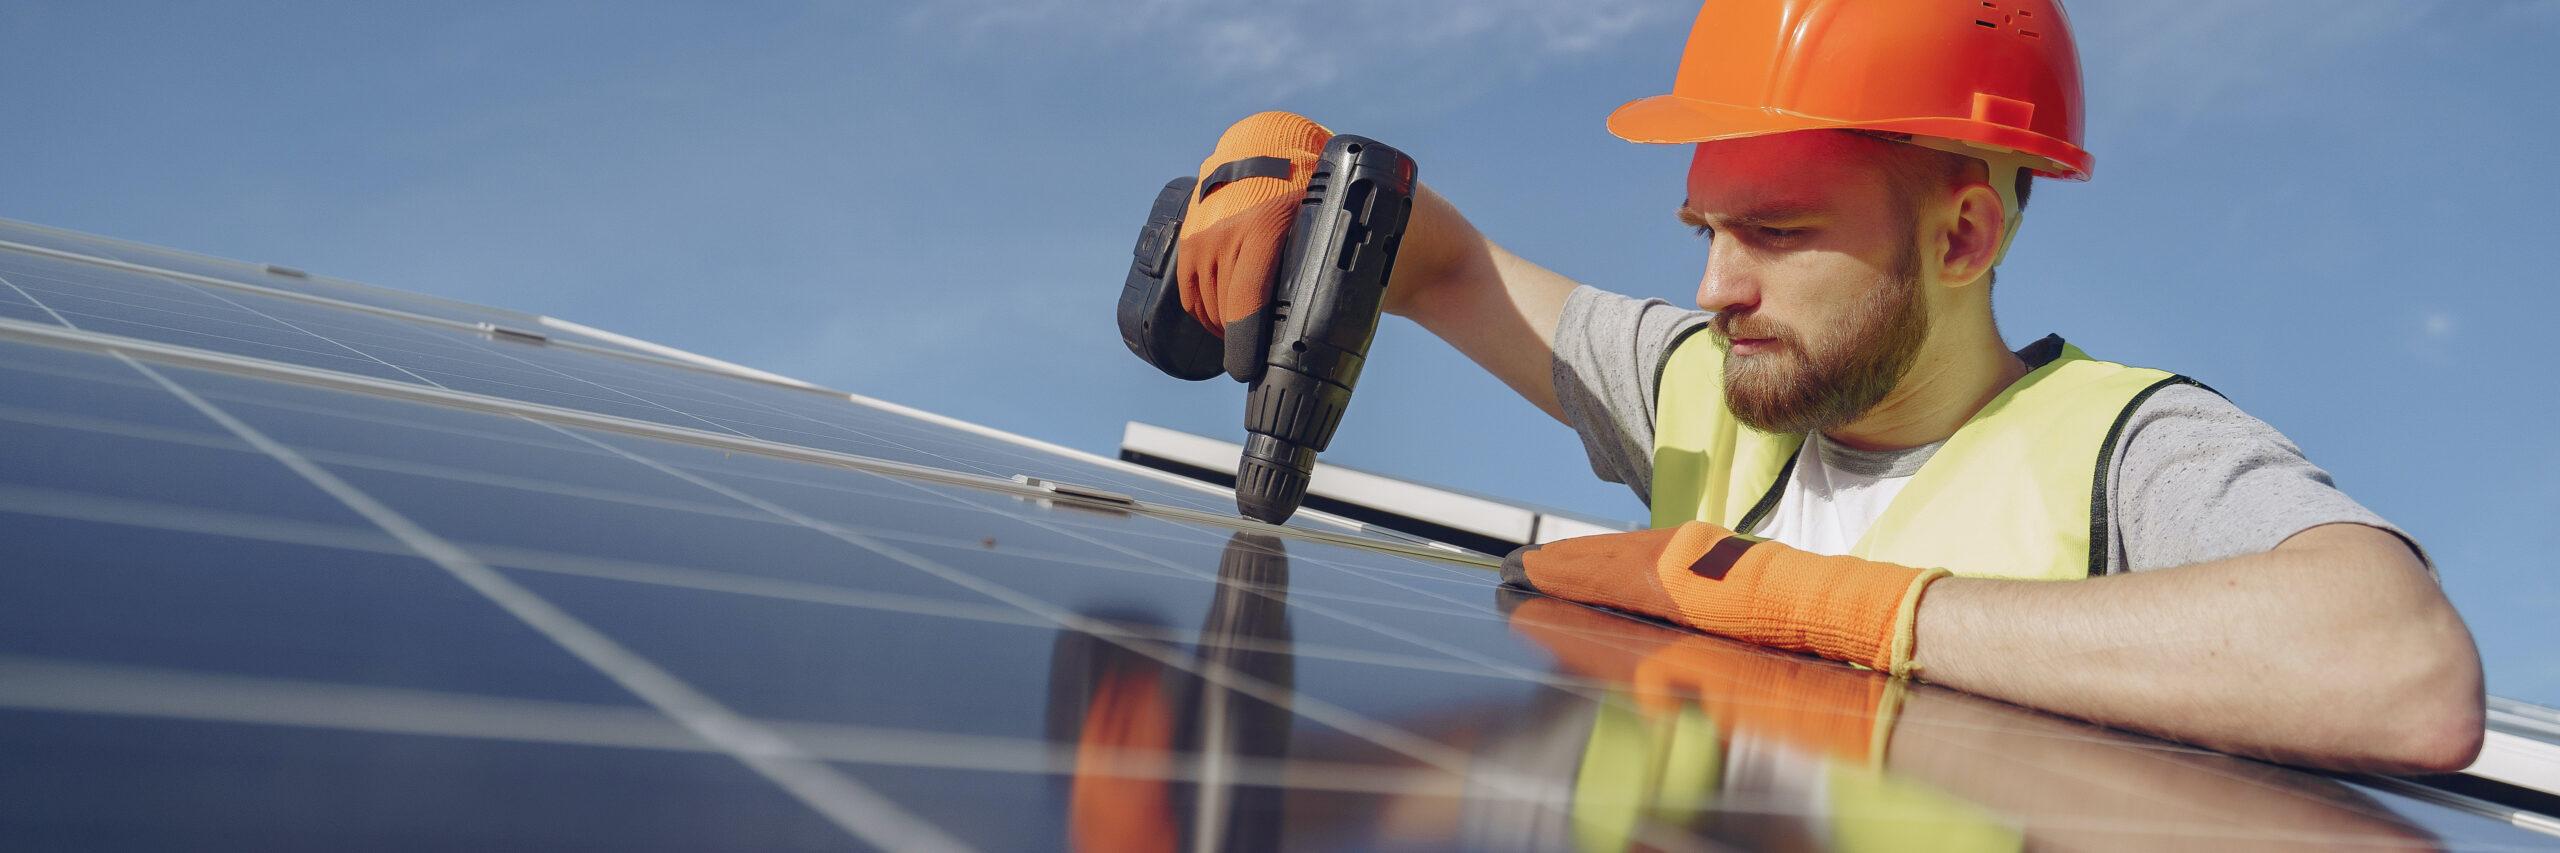 Päikesepaneele saab paigaldada erinevatesse kohtadesse